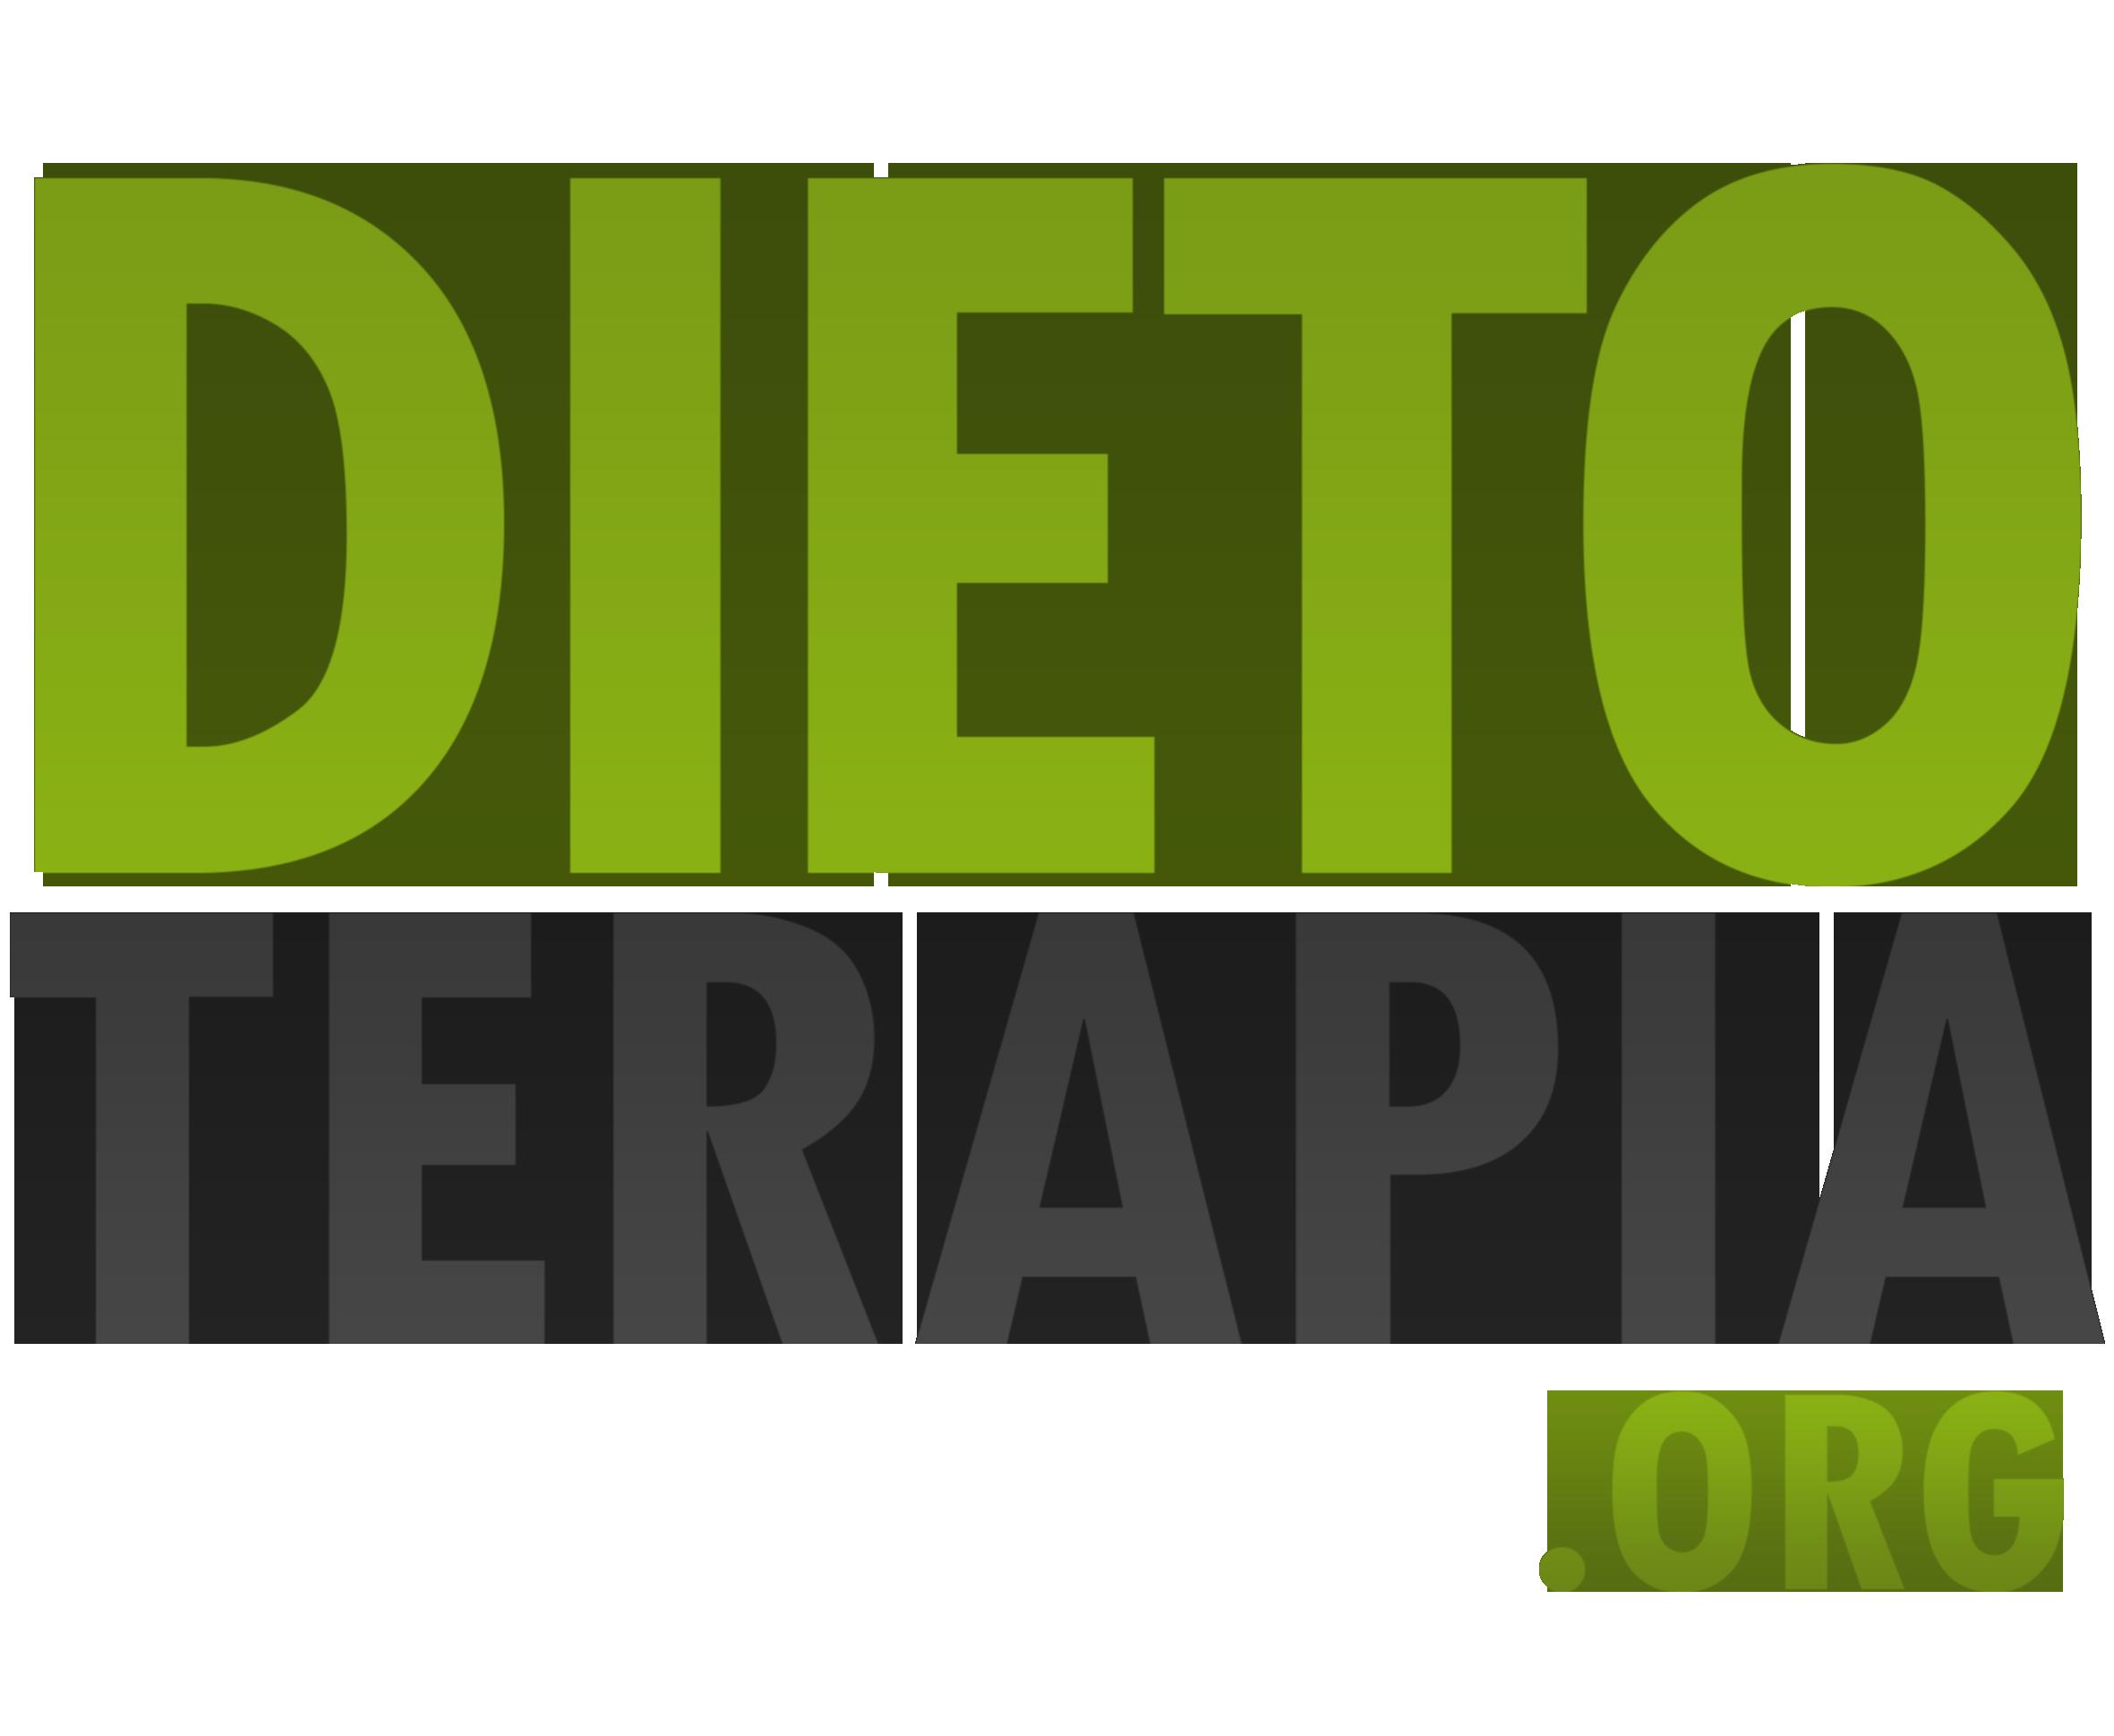 dietoterepia